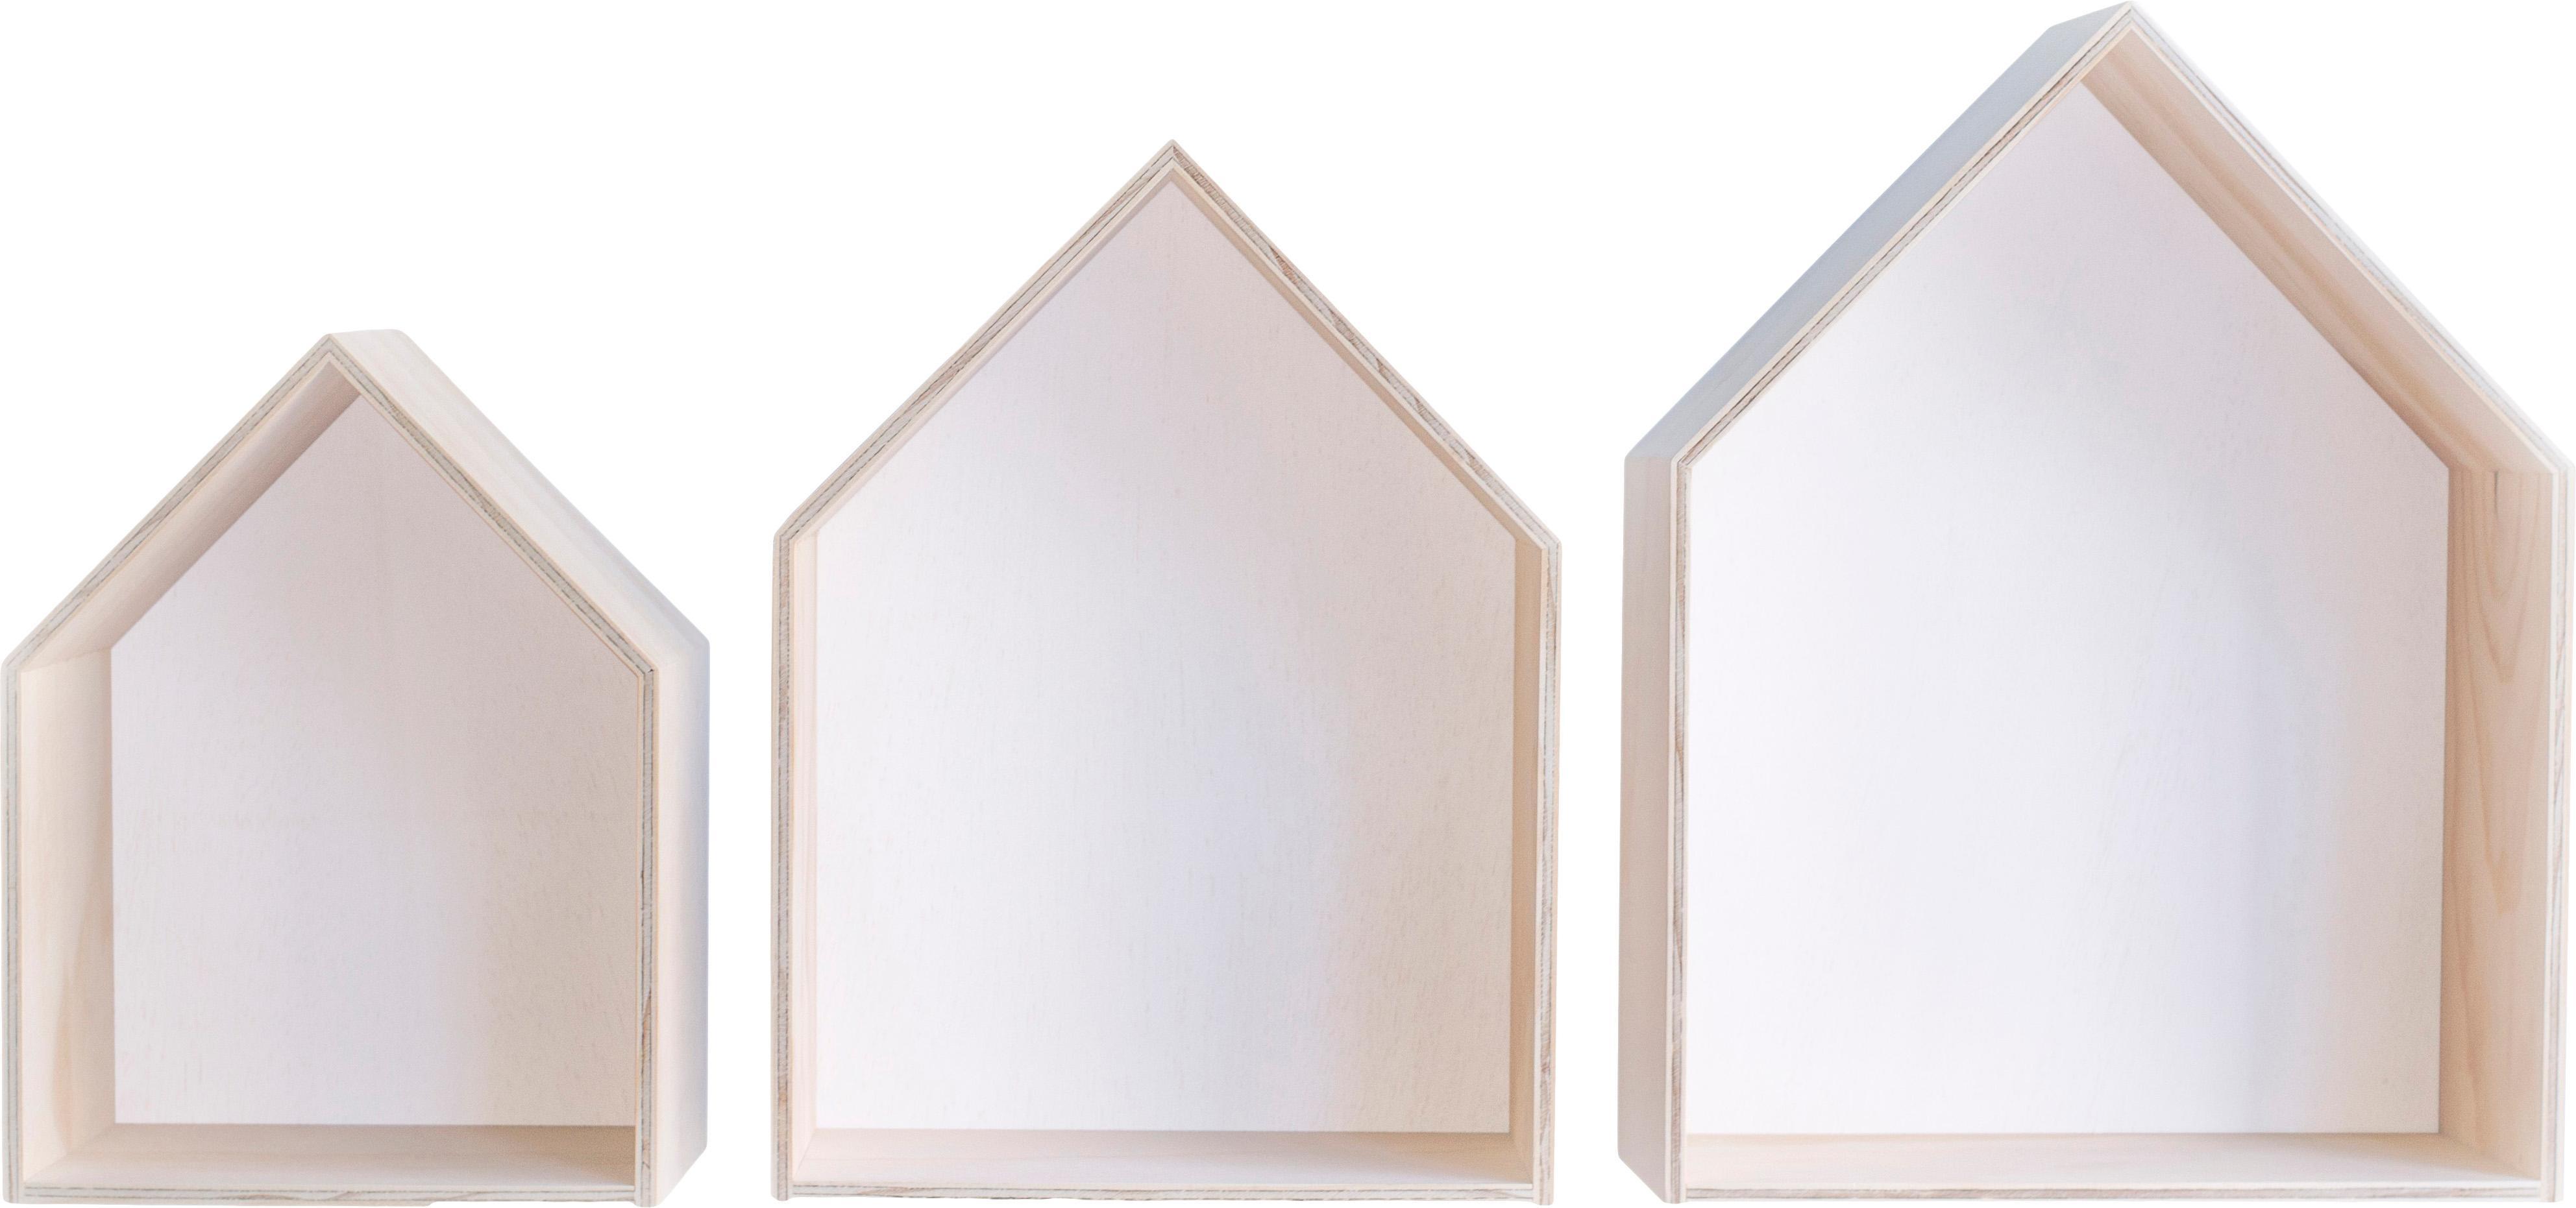 Set 3 mensole a muro Blanca, Compensato, Marrone chiaro, bianco, Set in varie misure